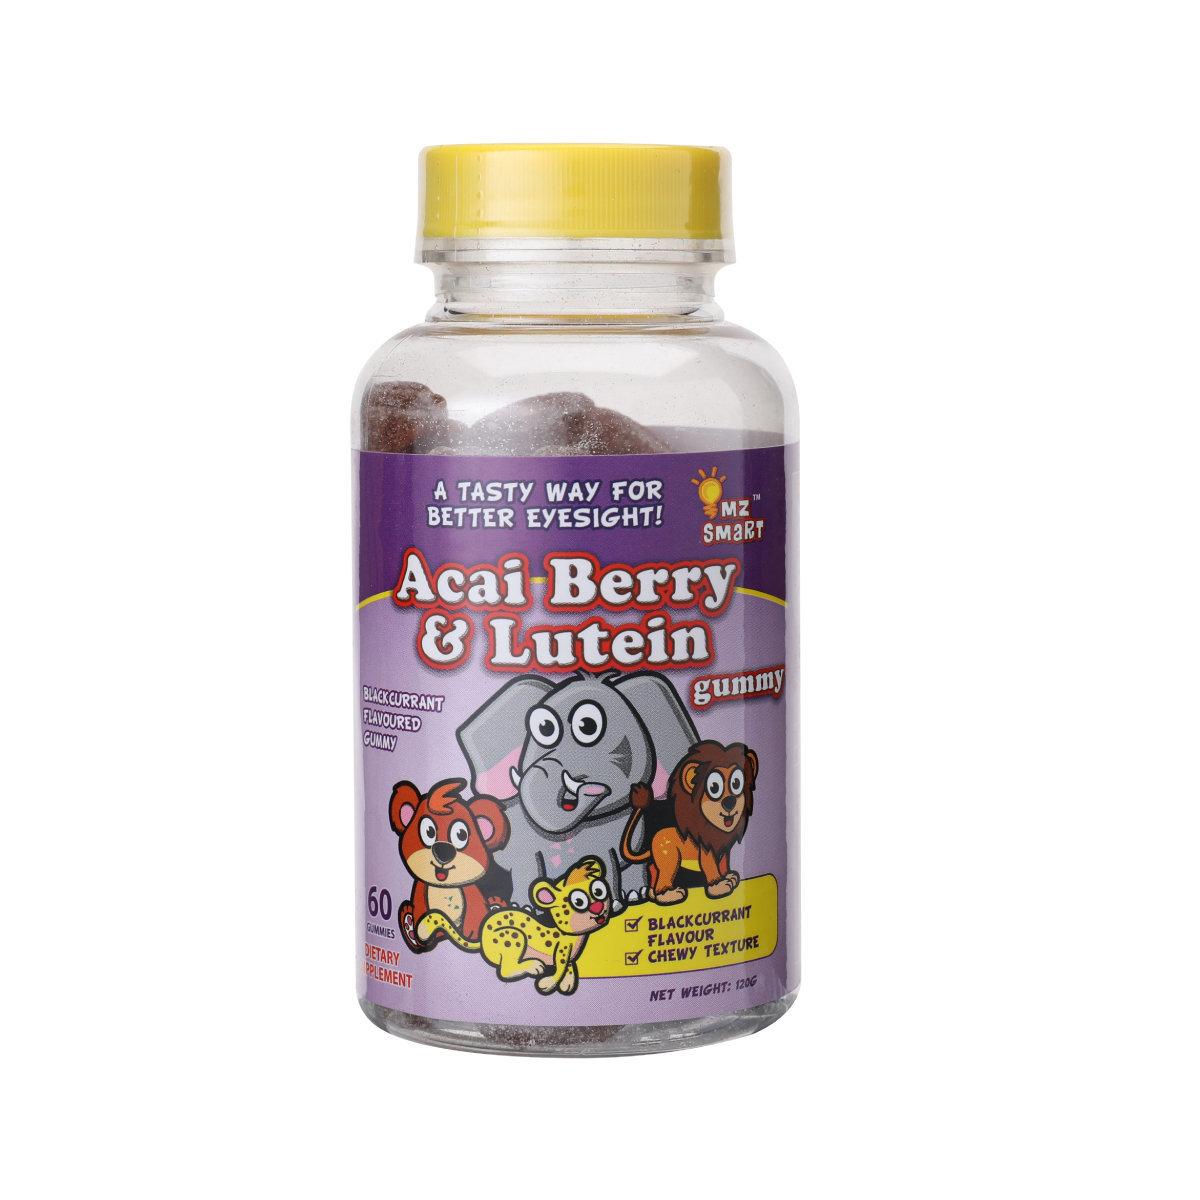 MZ聰明仔護眼巴西莓&葉黃素軟糖 60's